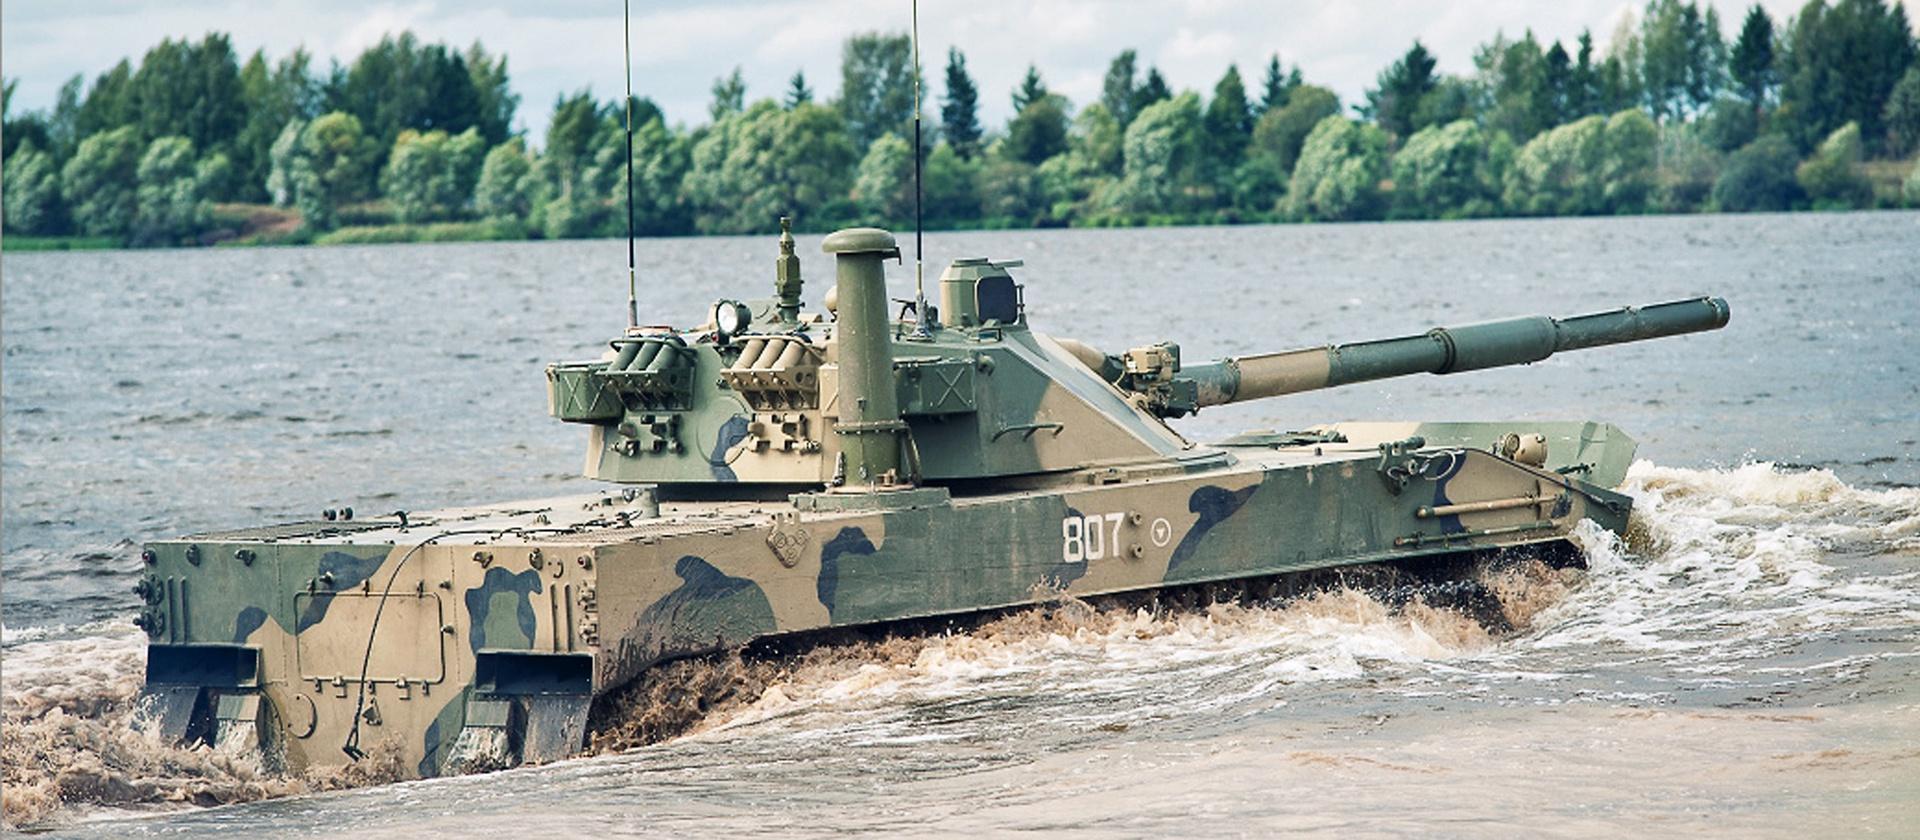 Российский «истребитель танков» приглянулся Индии. Спрут-СДМ1 лучший в мире терминатор с такими возможностями...